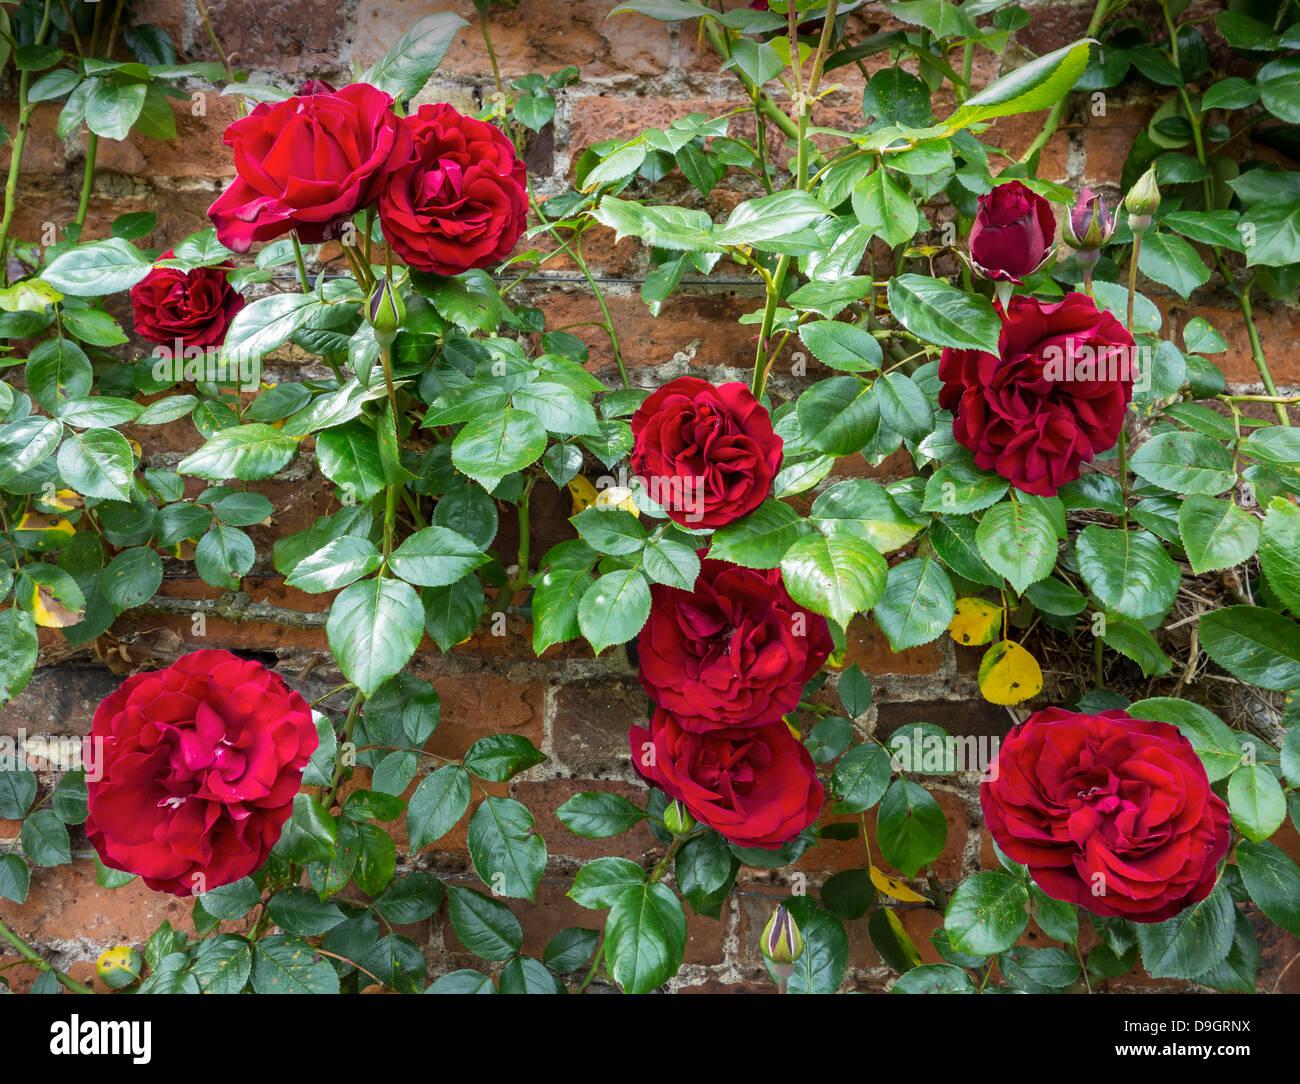 Climbing Red Rose Stock Photos & Climbing Red Rose Stock